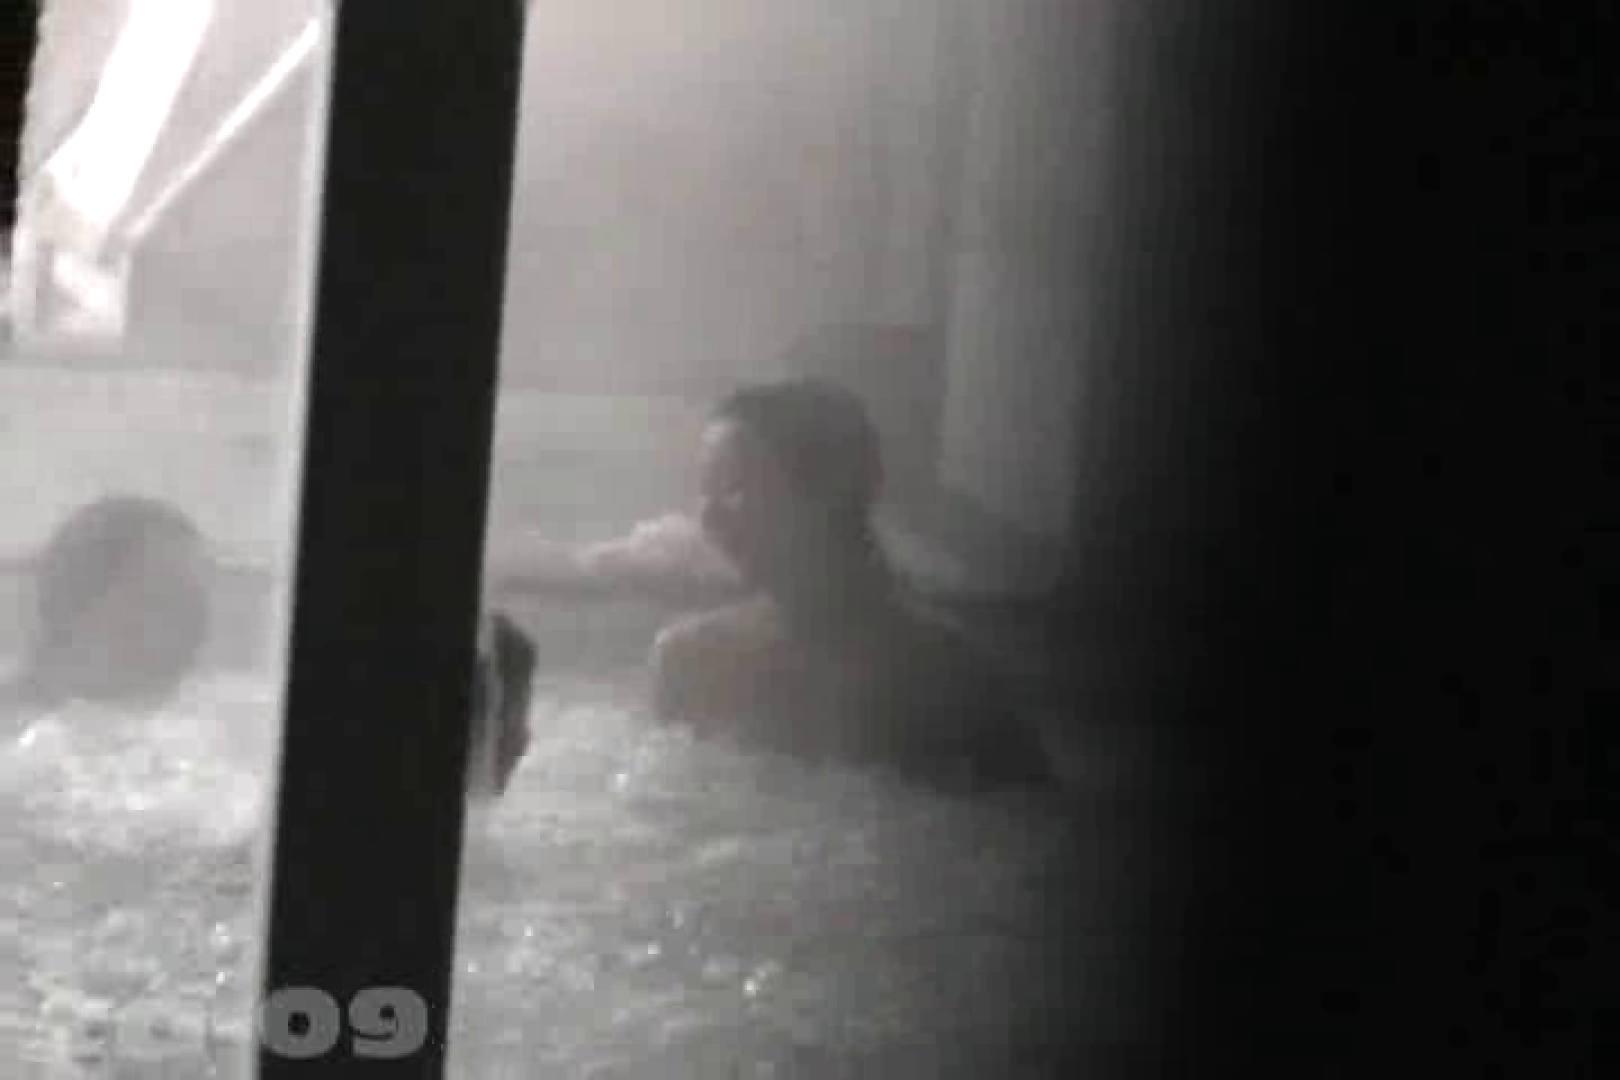 合宿ホテル女風呂盗撮高画質版 Vol.09 ホテル | 女風呂  82連発 37